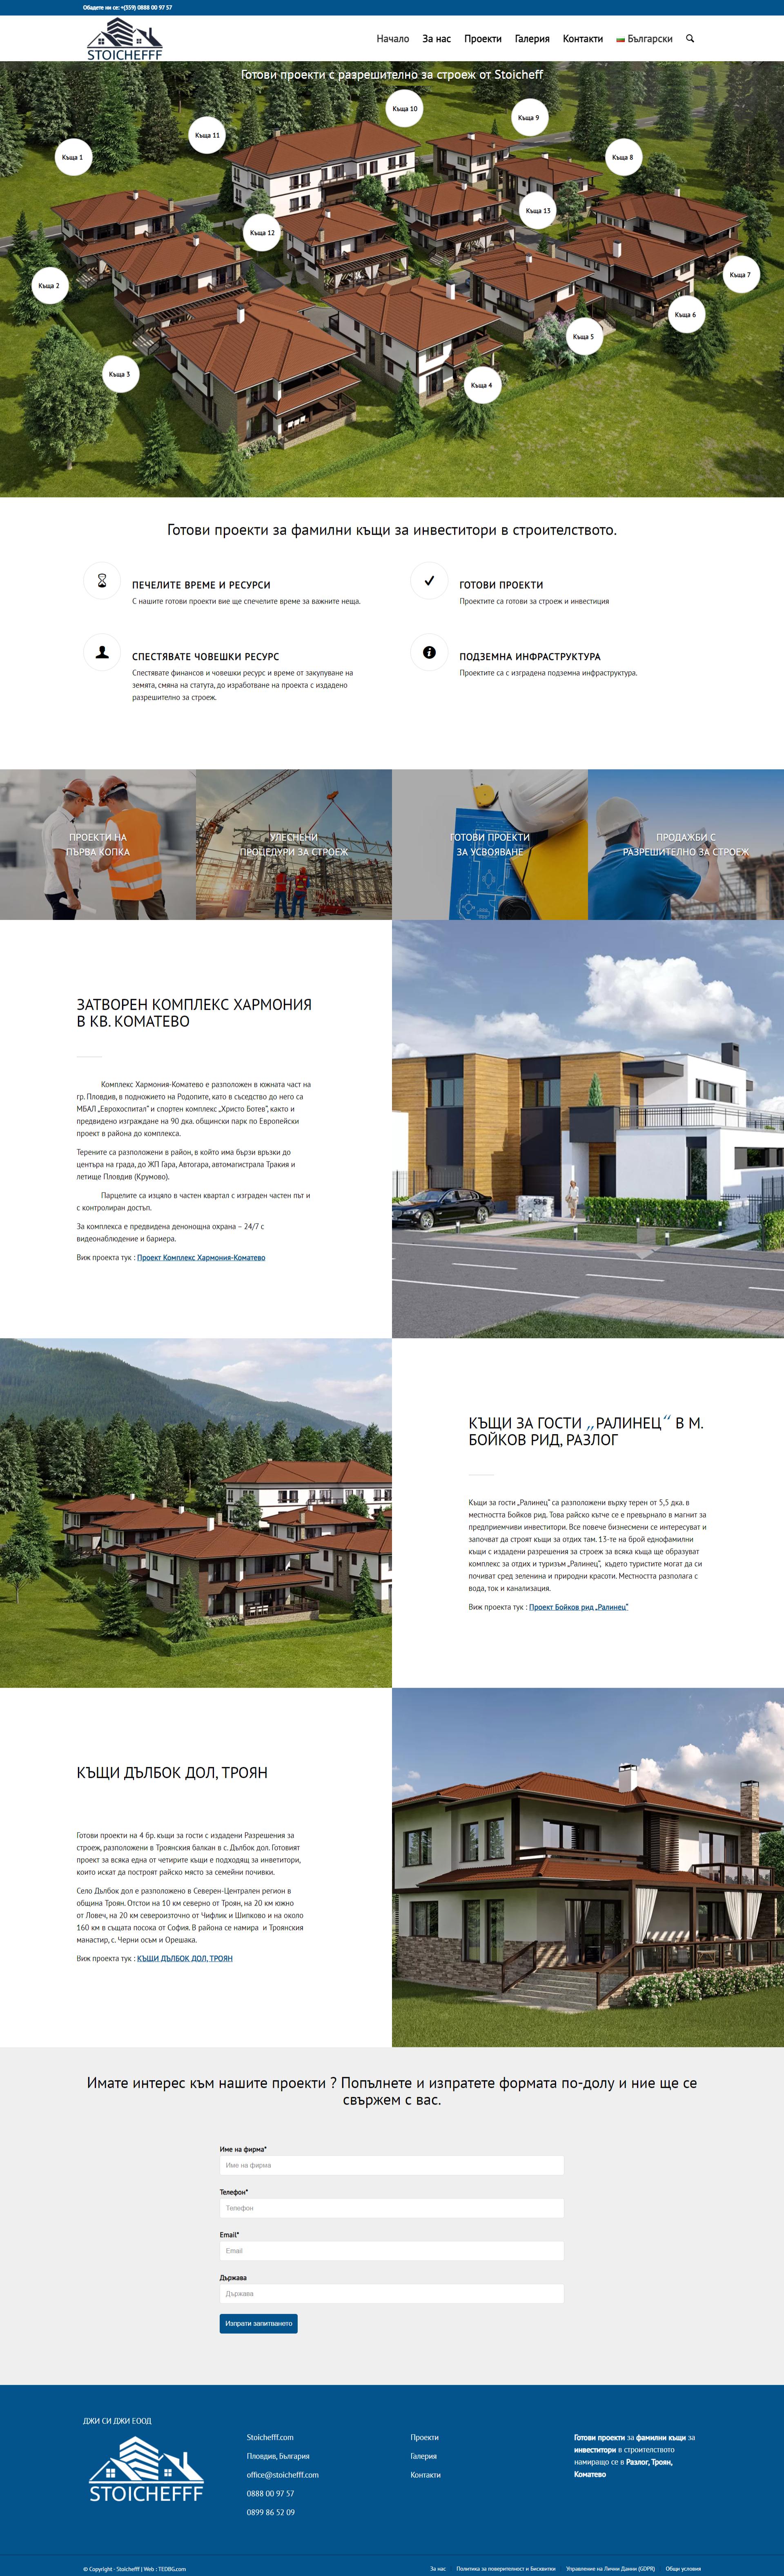 Stoichefff - Готови проекти с разрешително за строеж